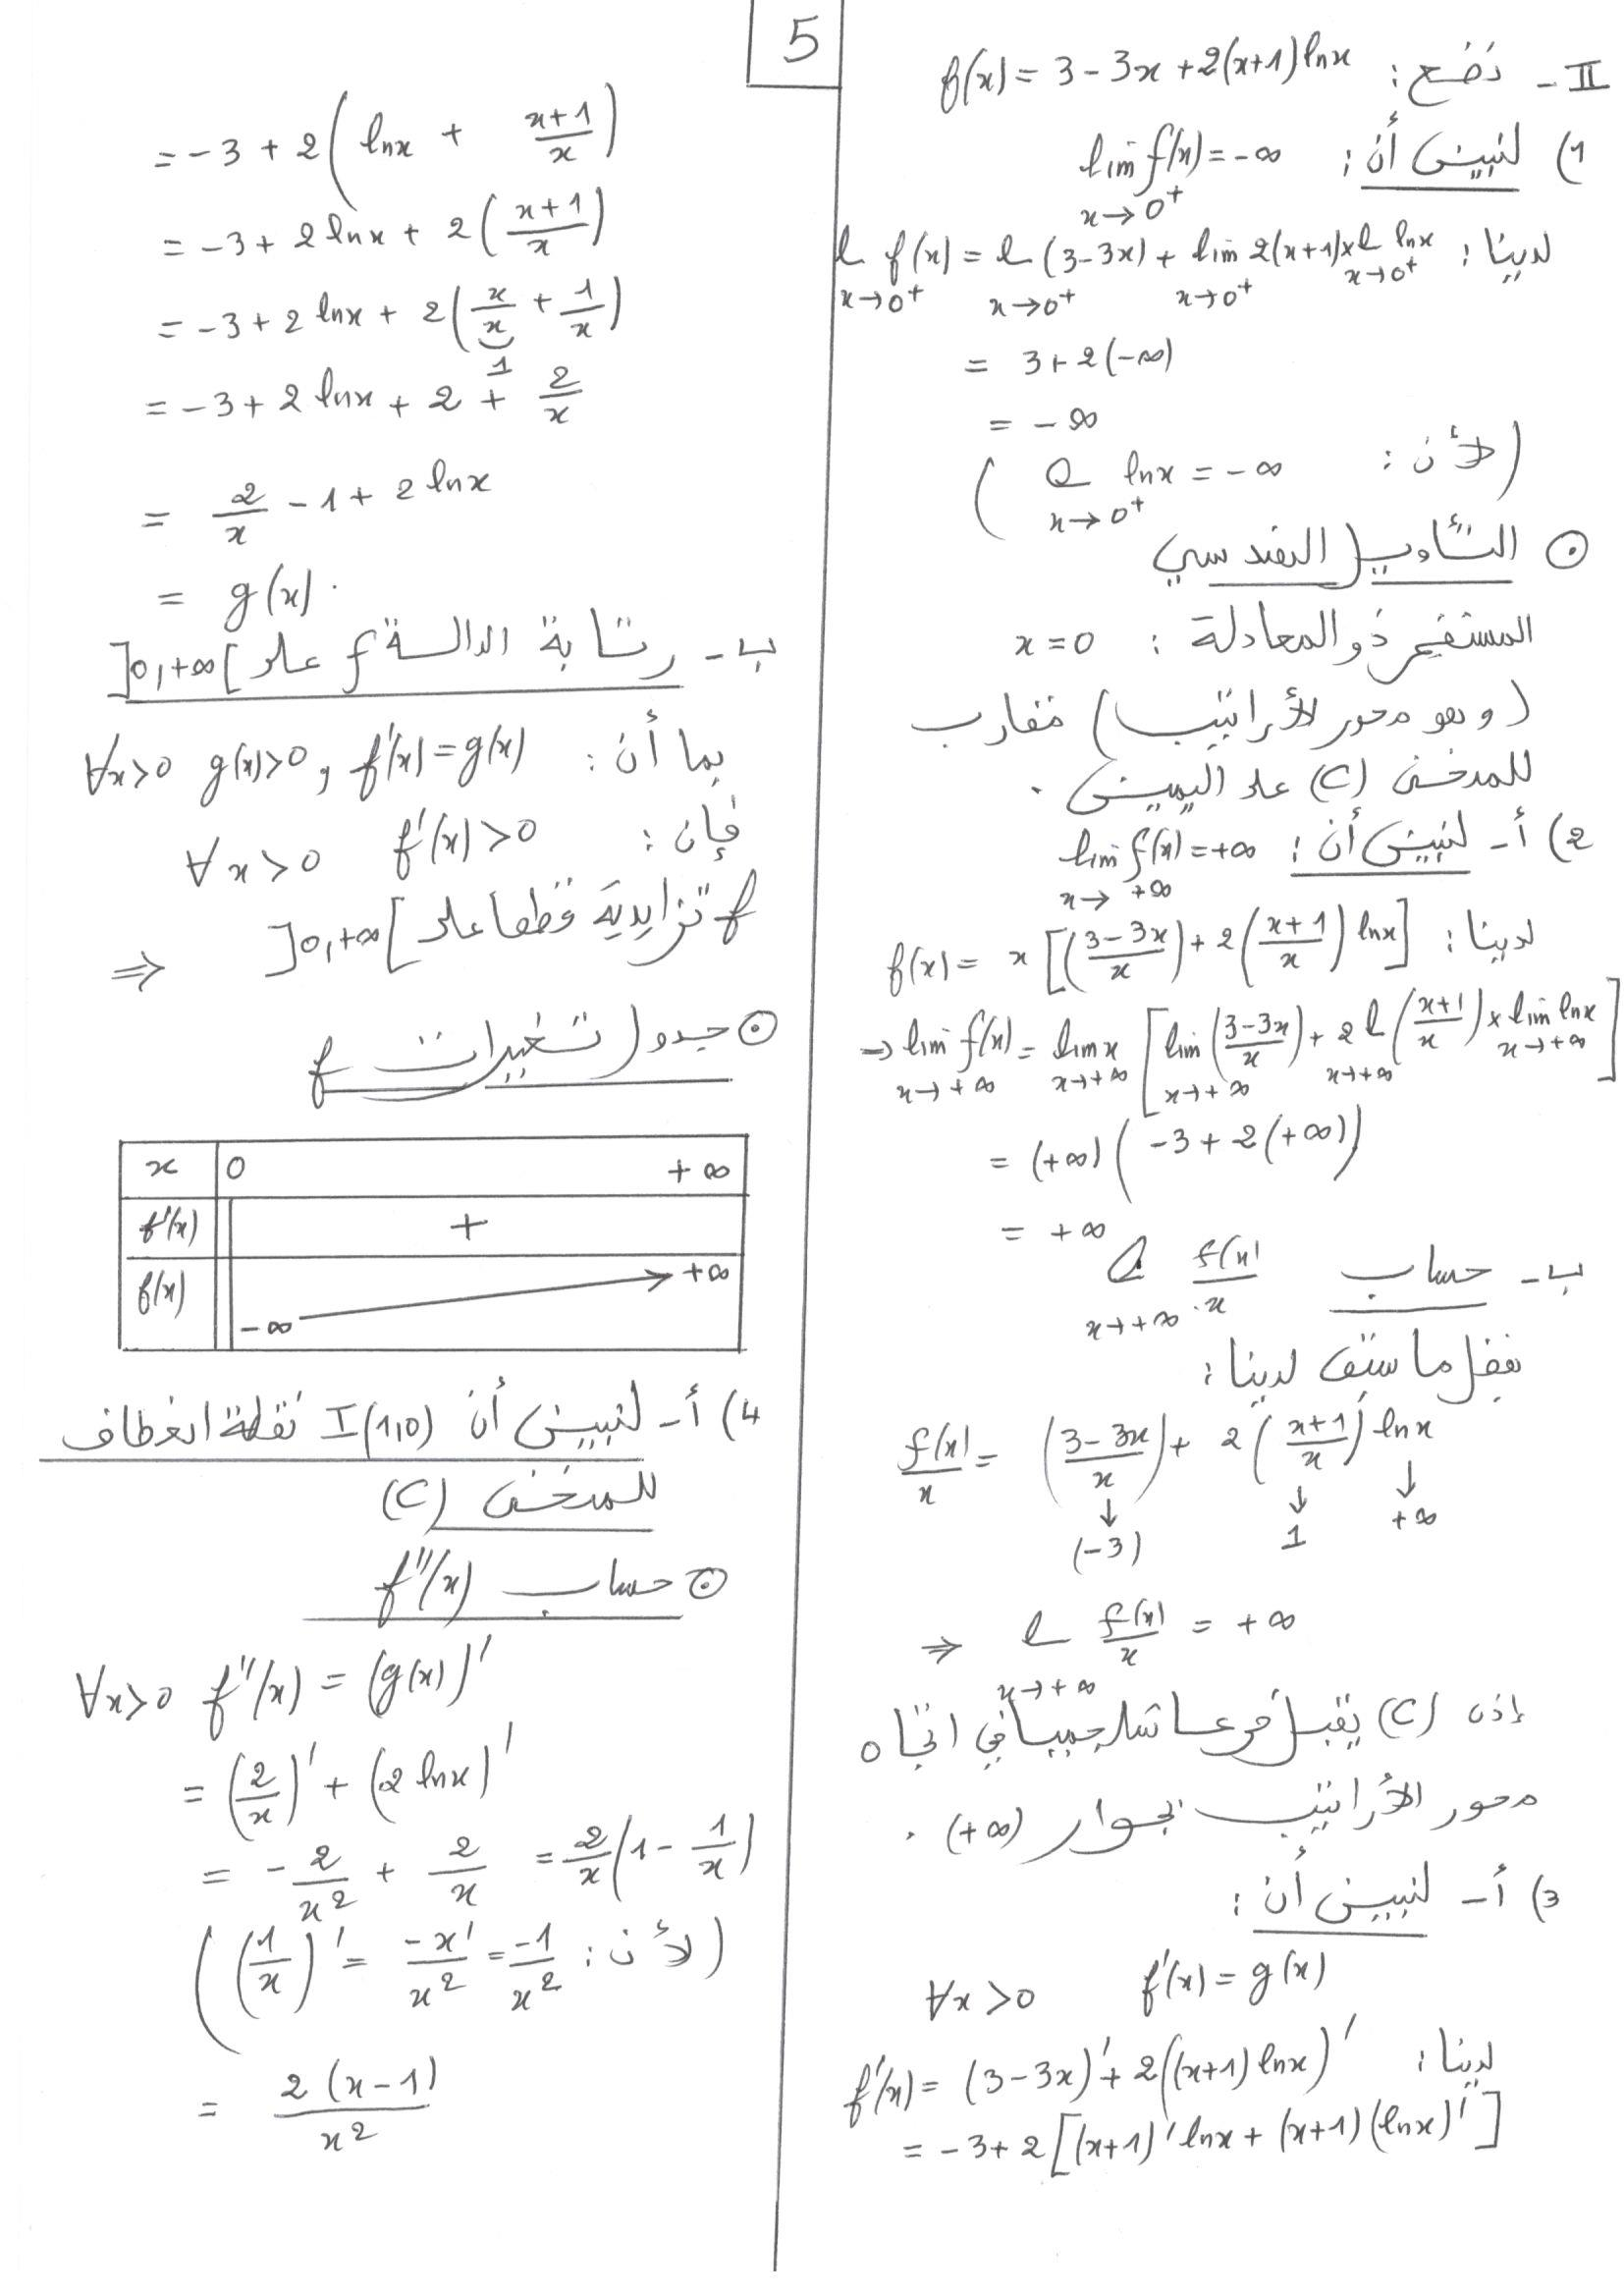 امتحانات وطنية : تصحيح وطني الرياضيات 2016 الدورة الإستدراكية | الثانية باك  PC و SVT – Doross.ma دروس المغرب